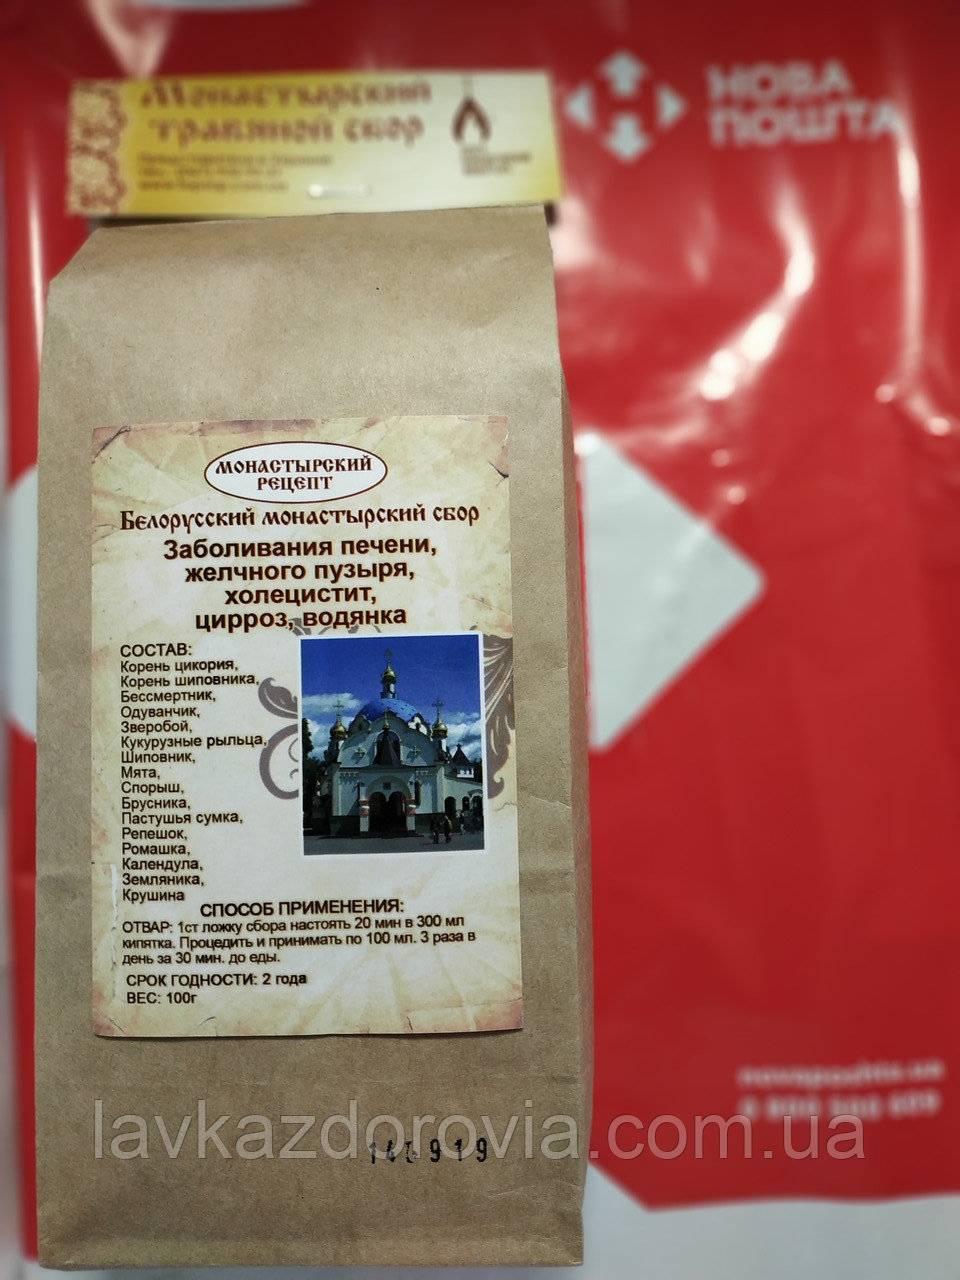 Чай для печени: виды печеночных сборов, состав и полезные свойства